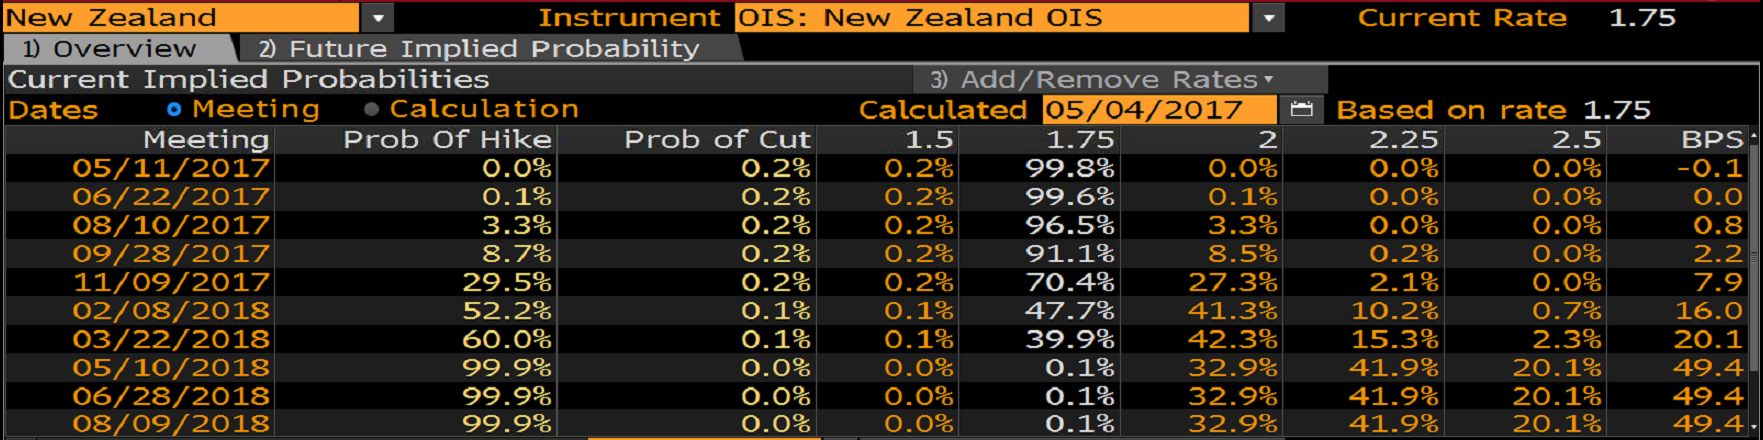 Prawdopodobieństwo podwyżki stóp procentowych w Nowej Zelandii liczonej na podstawie OIS